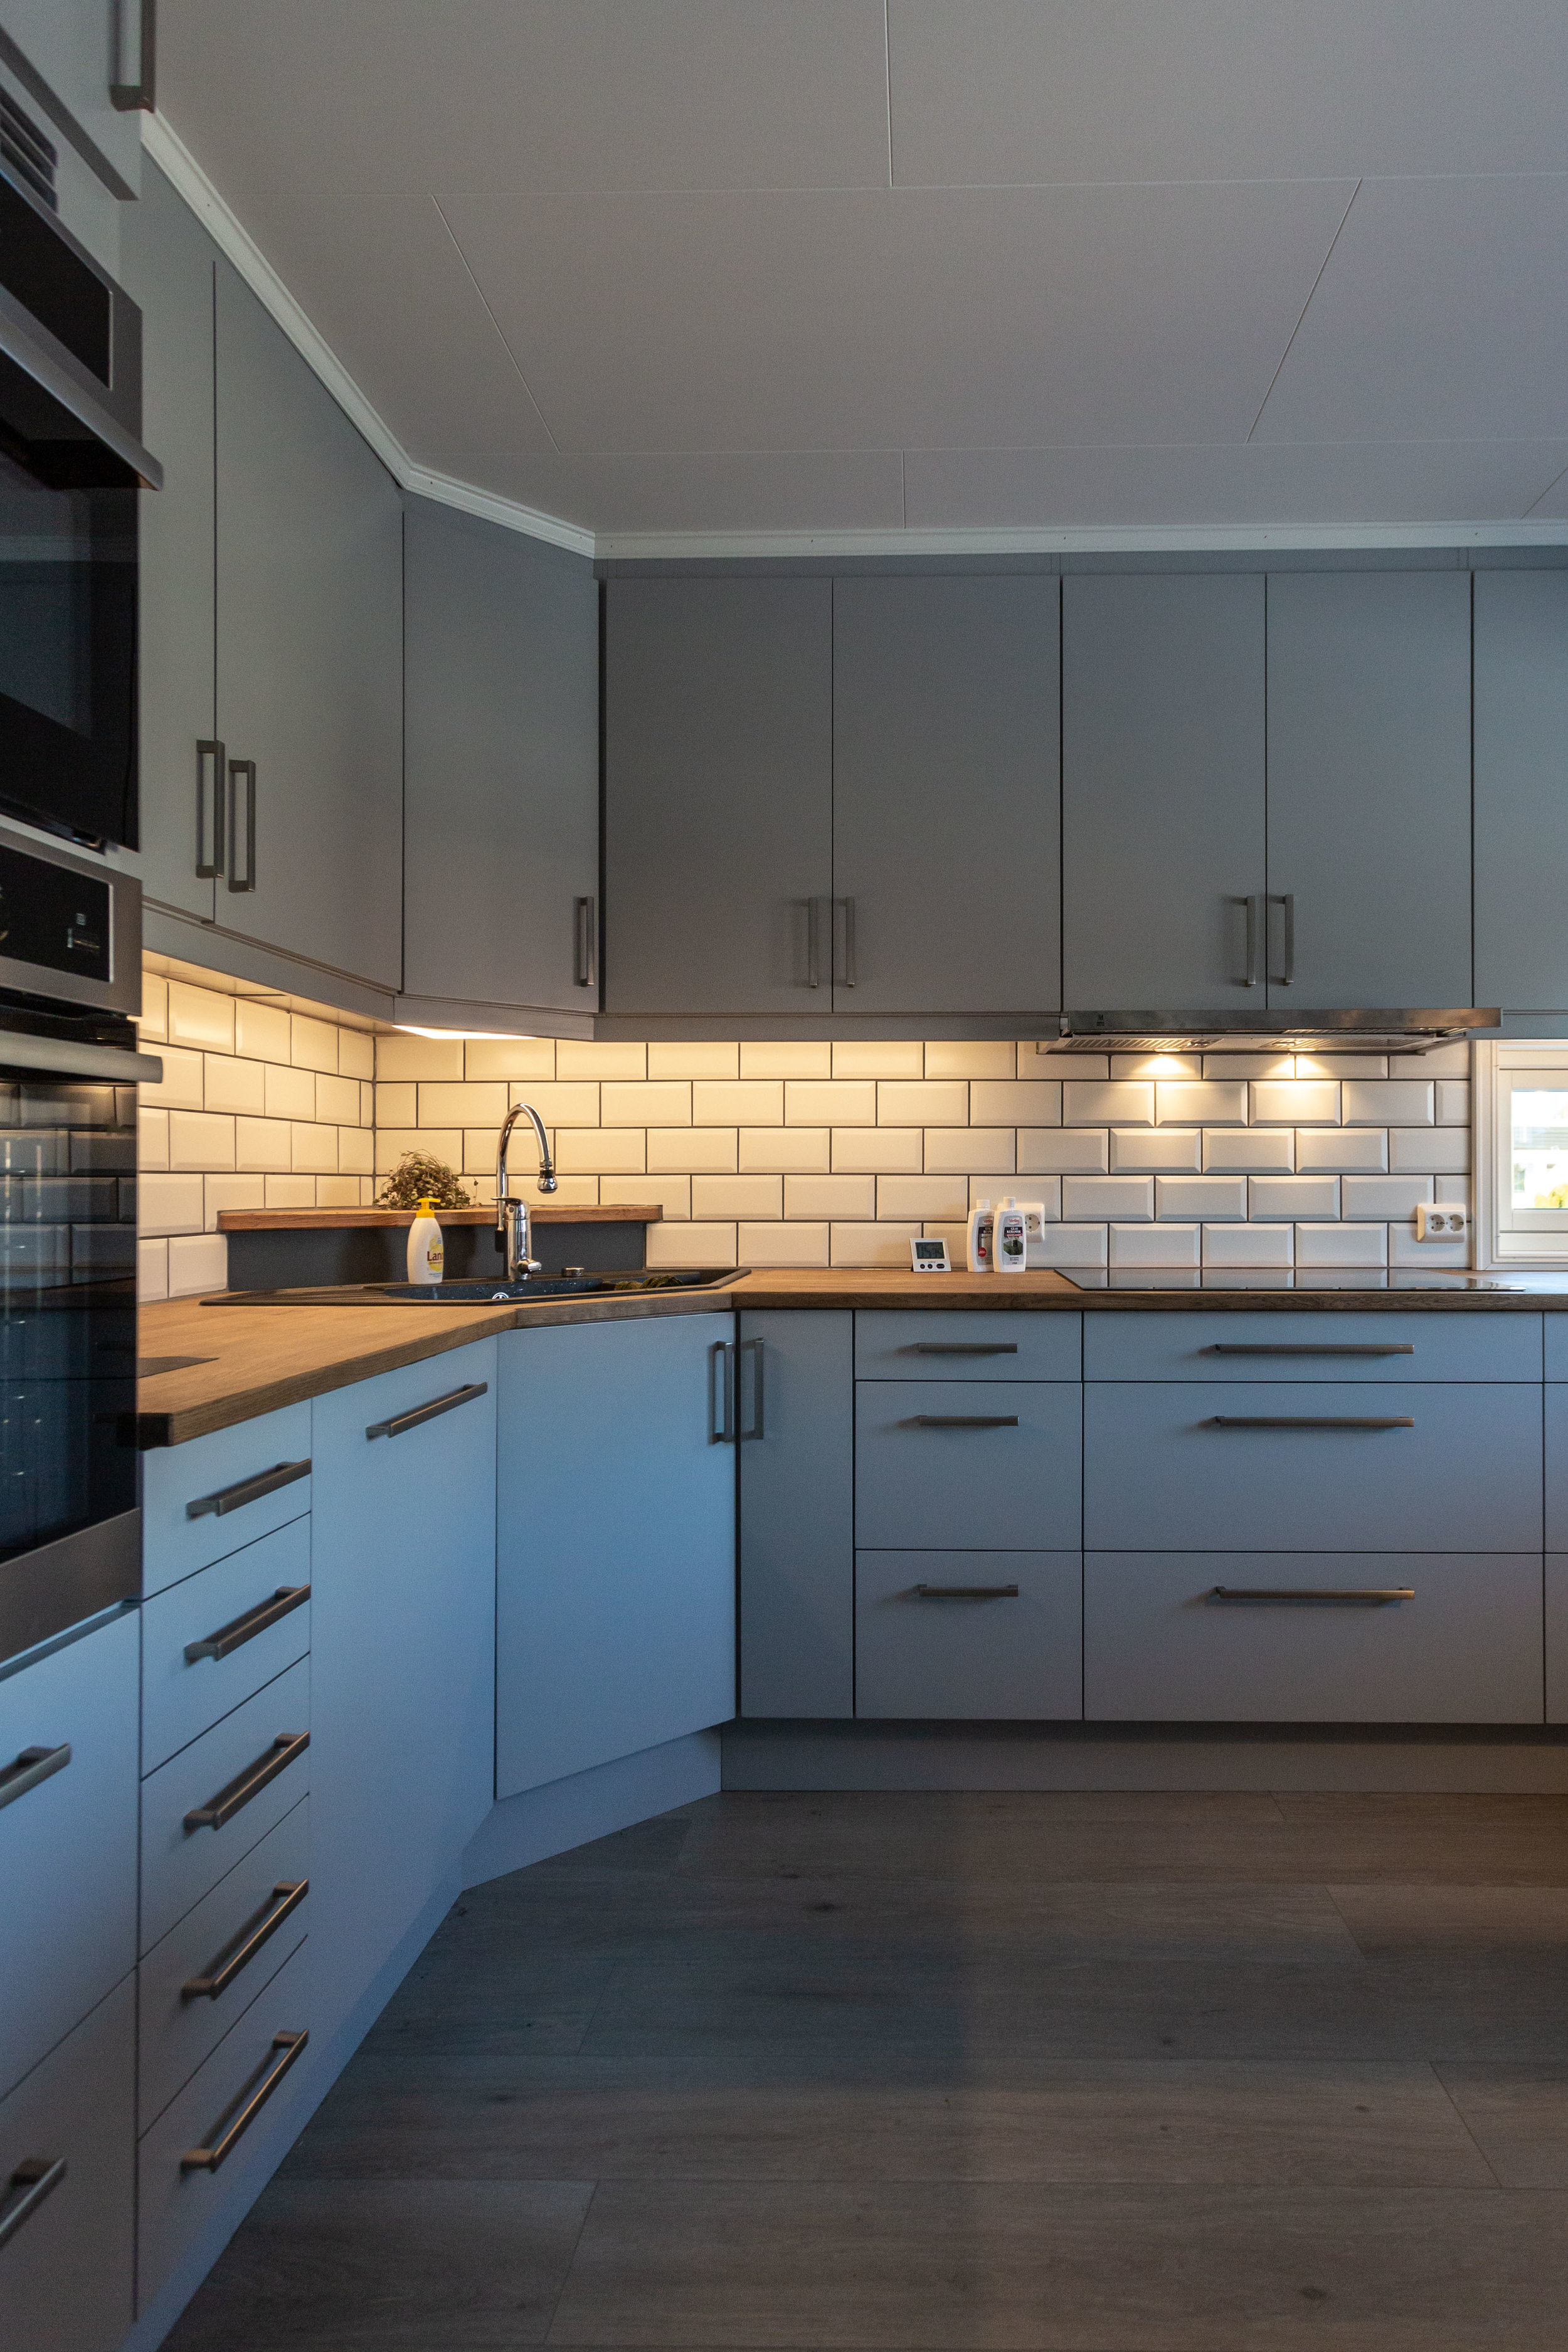 Kjøkken Furulia - 4 - Foto Øyvind S Endal.jpg